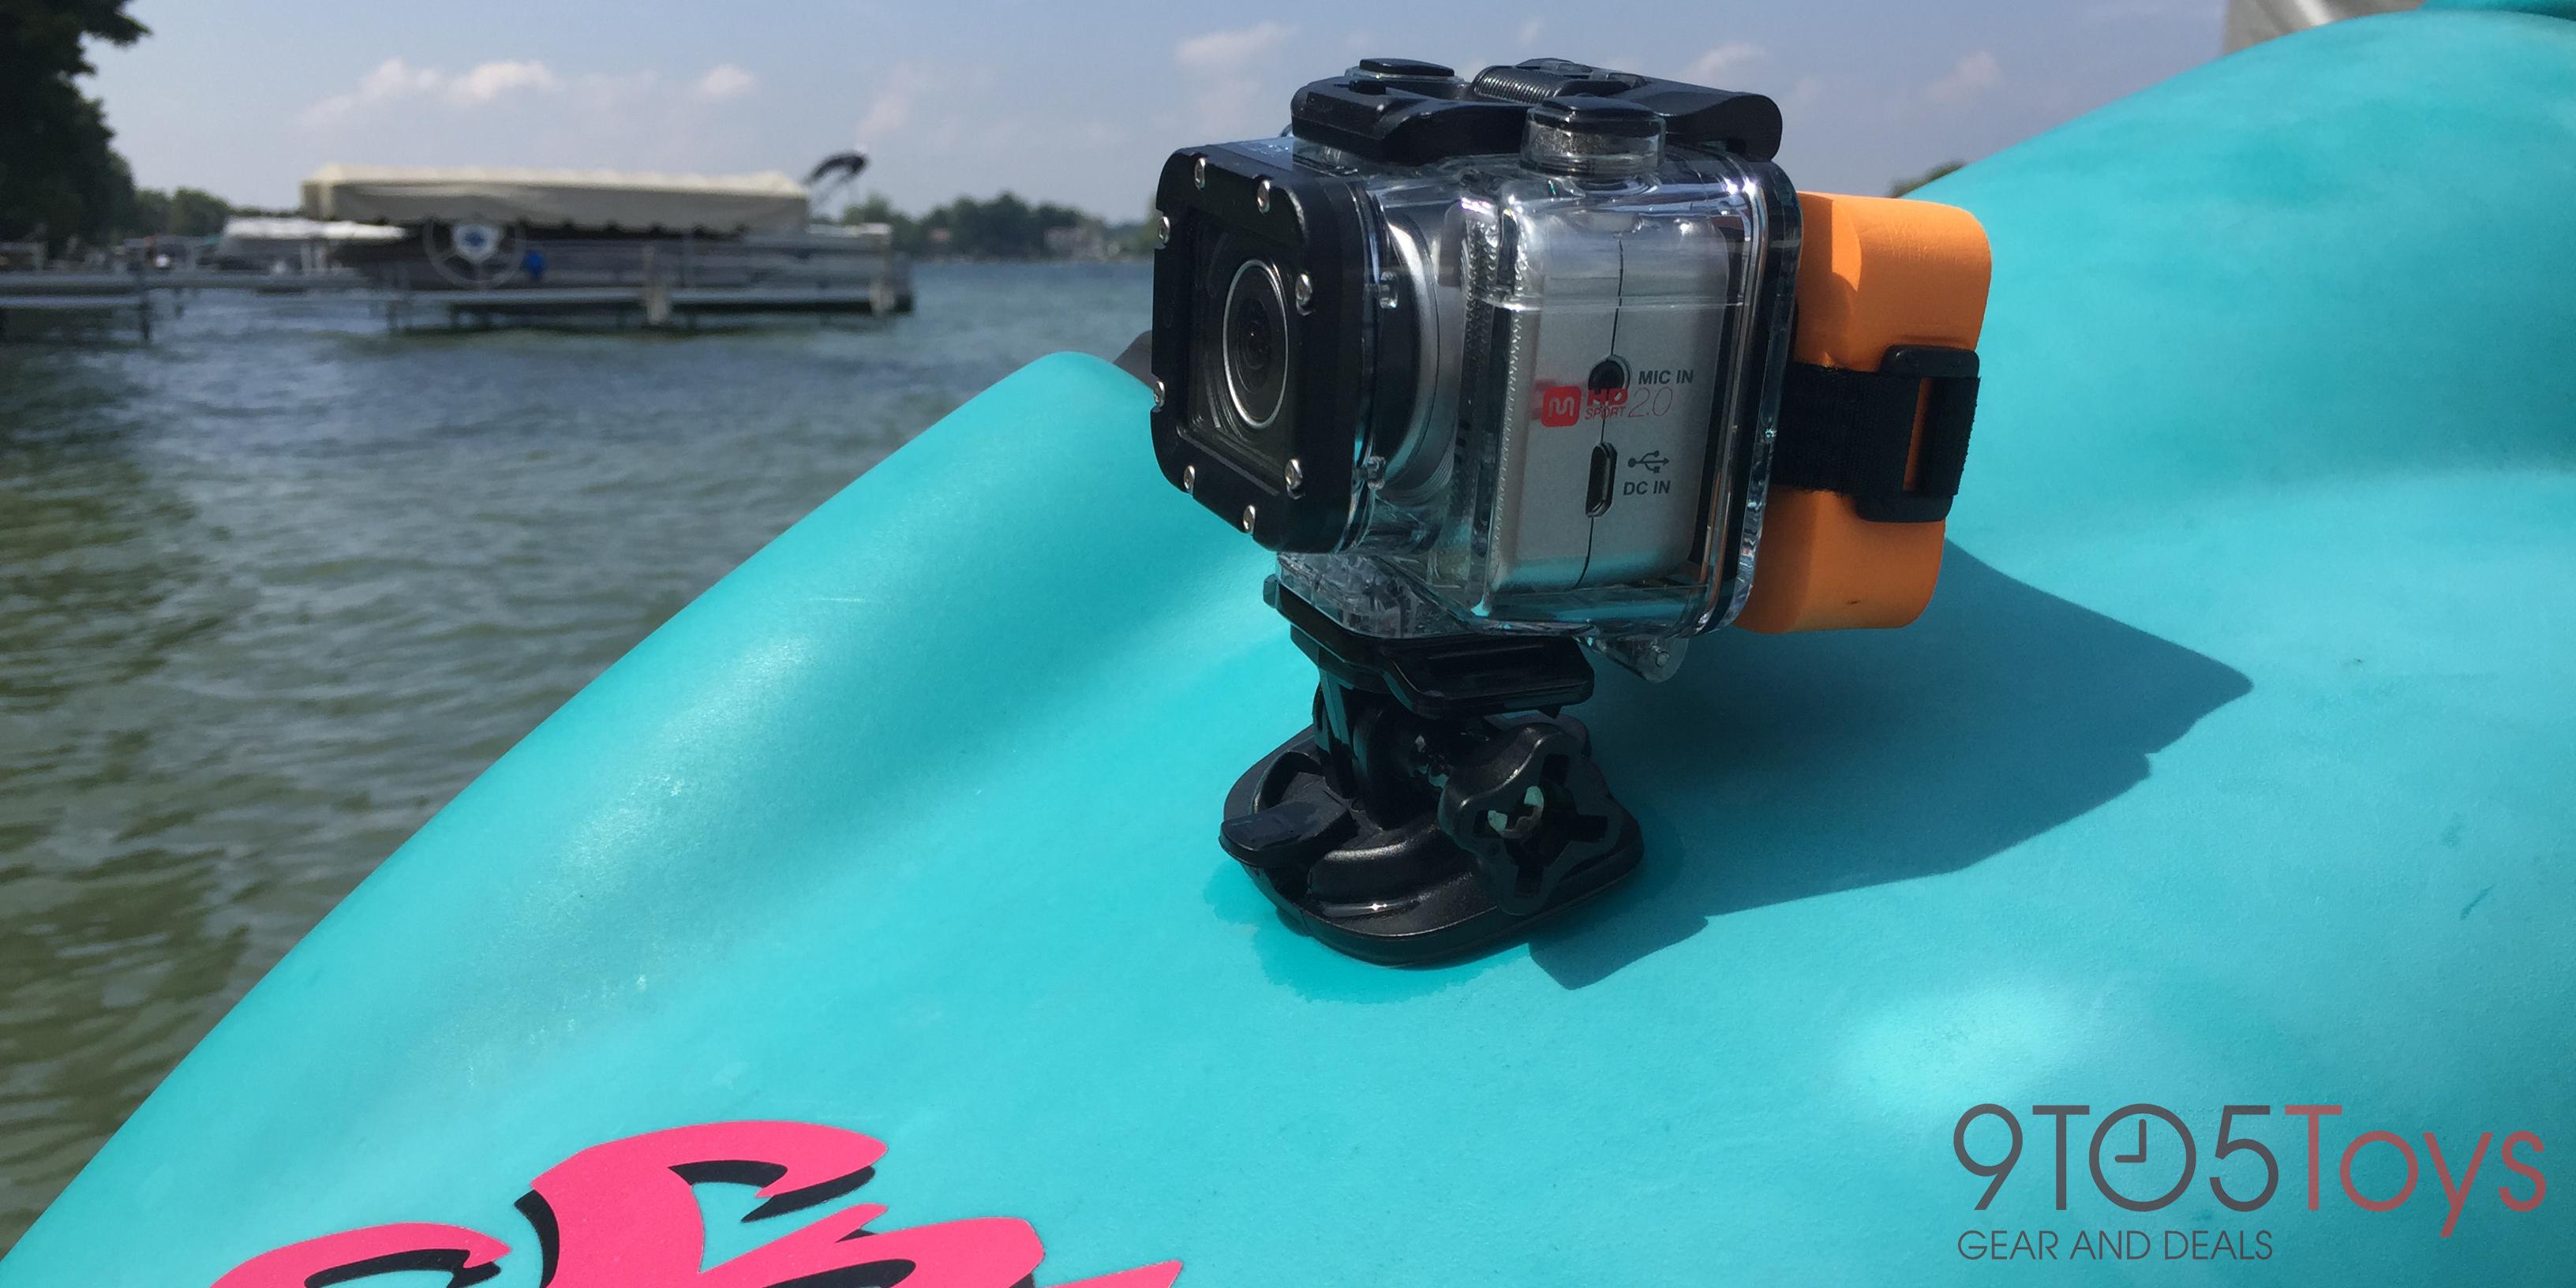 monoprice-action-camera-jet-ski-9to5toys